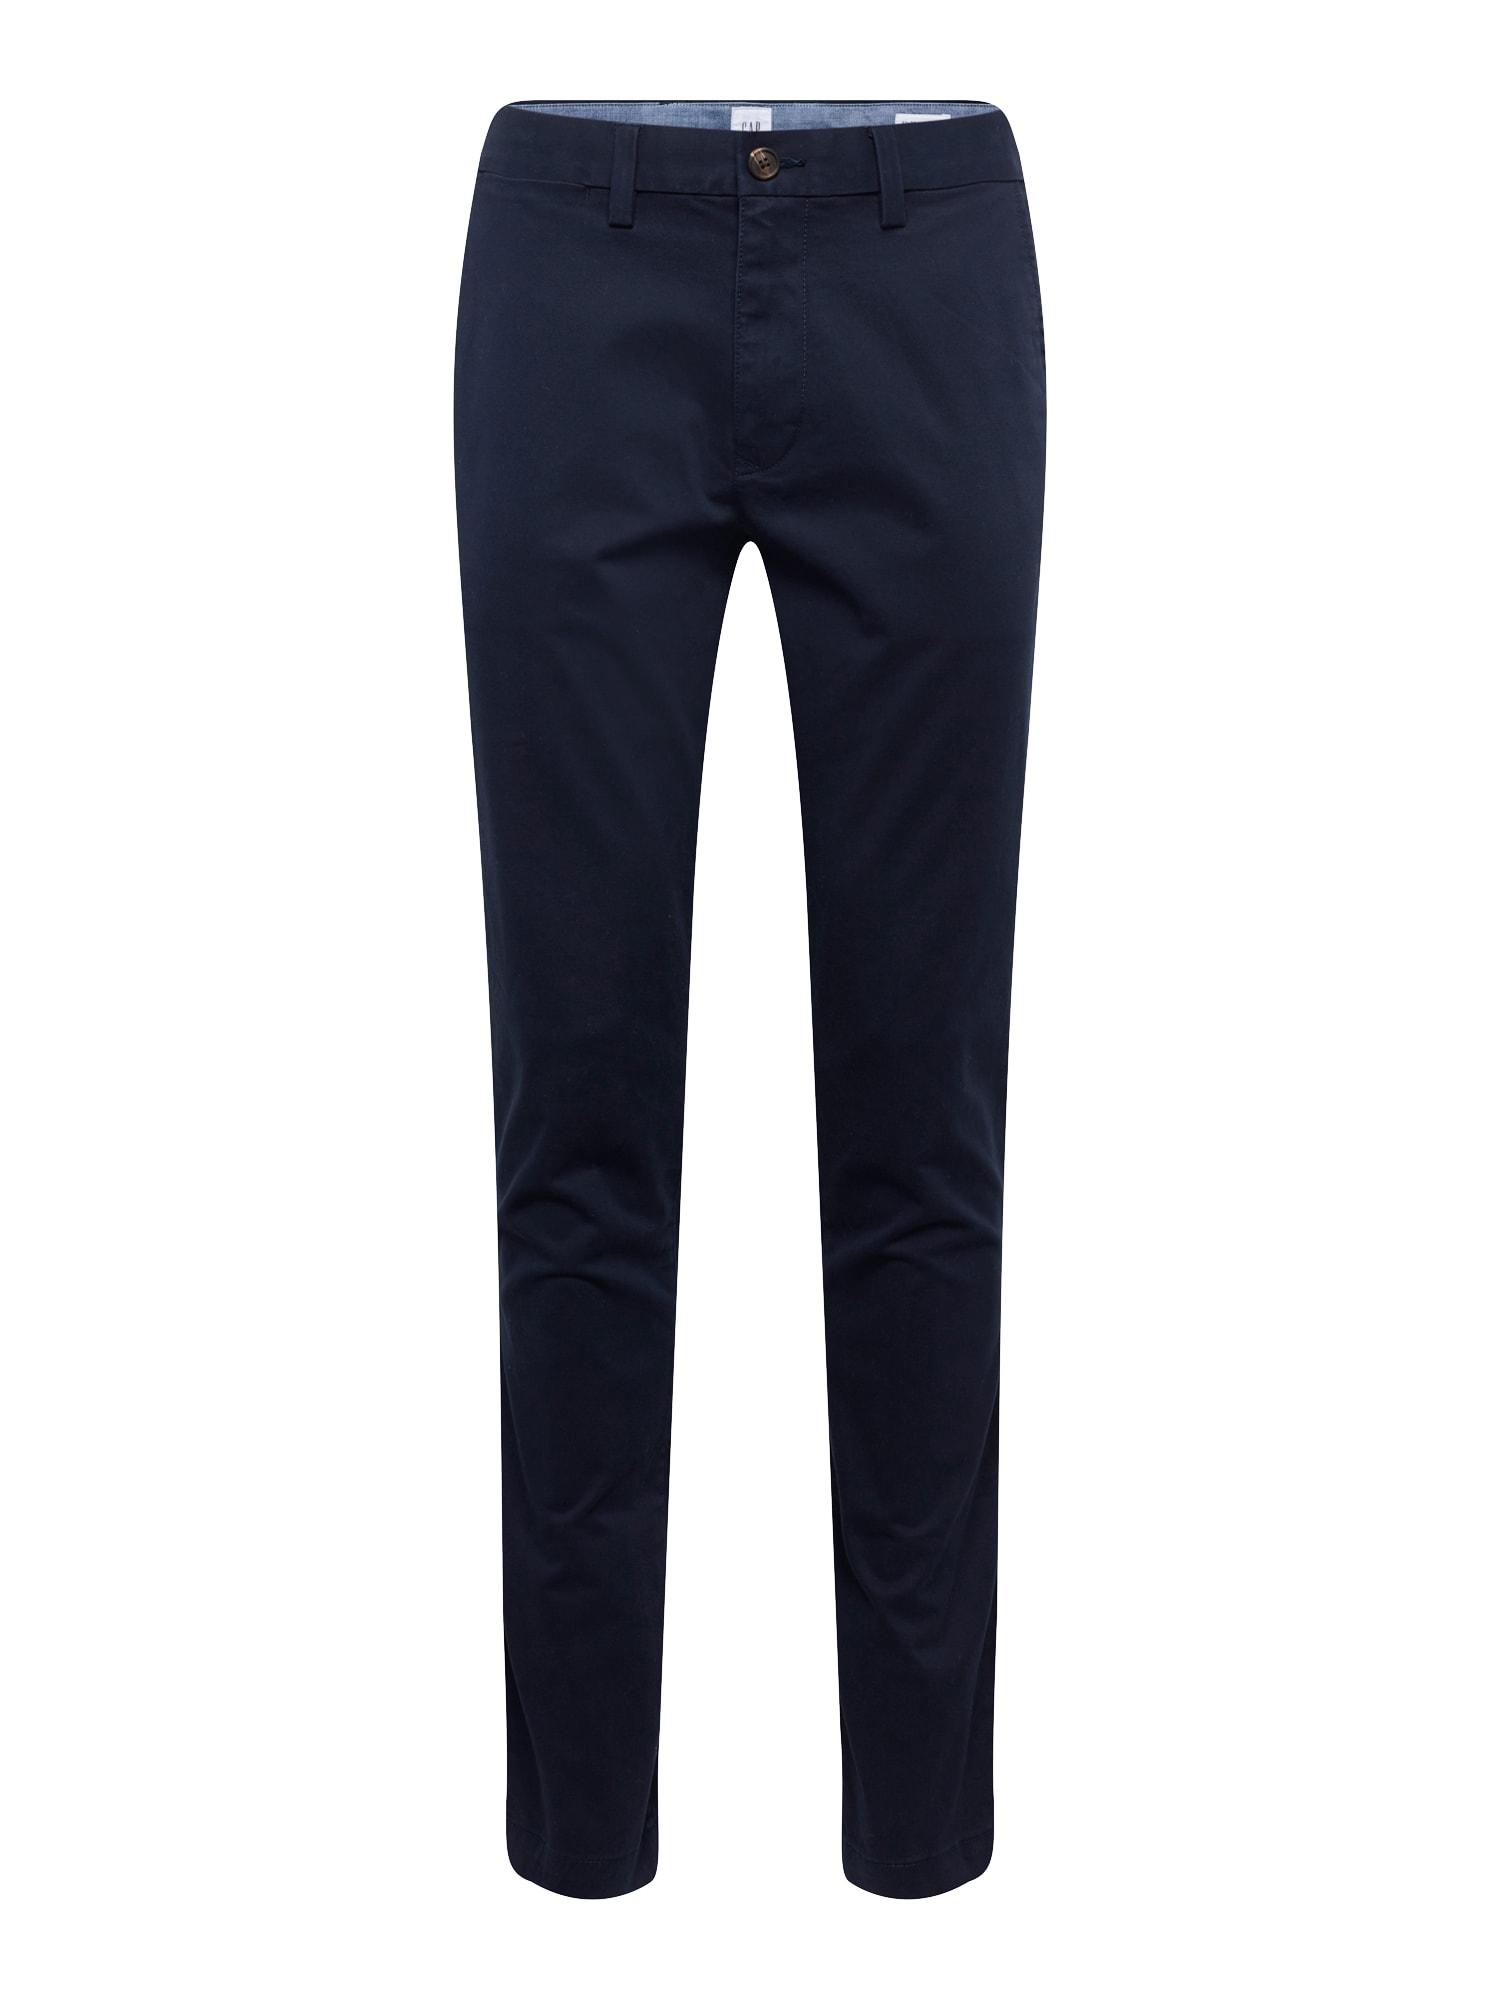 Chino kalhoty V-SKINNY STRETCH KHAKI tmavě modrá GAP